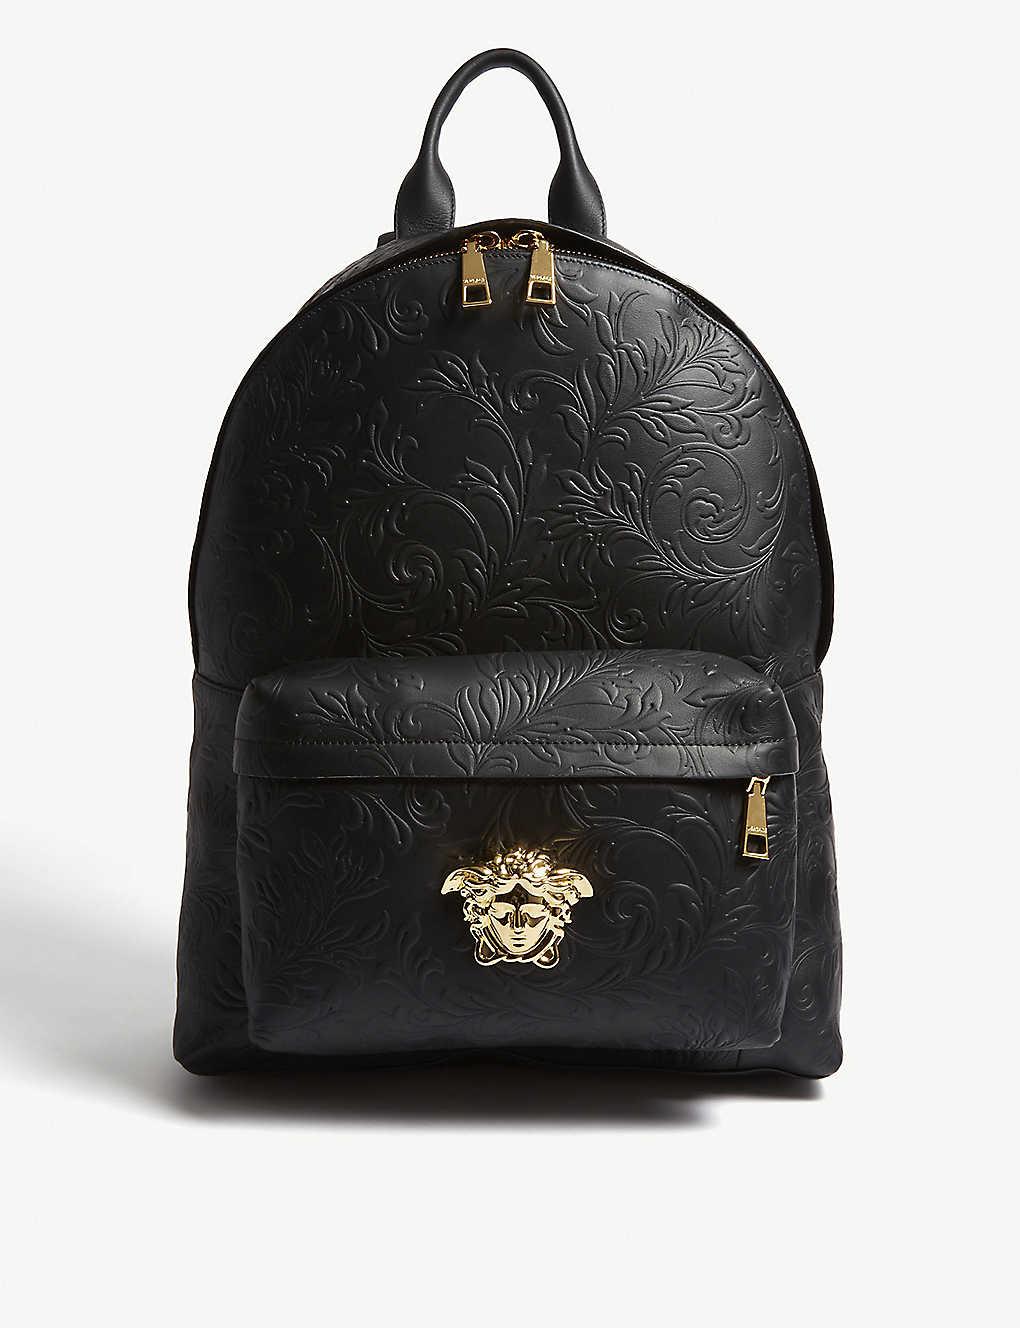 5b11dccab8 VERSACE - Medusa patterned leather backpack | Selfridges.com